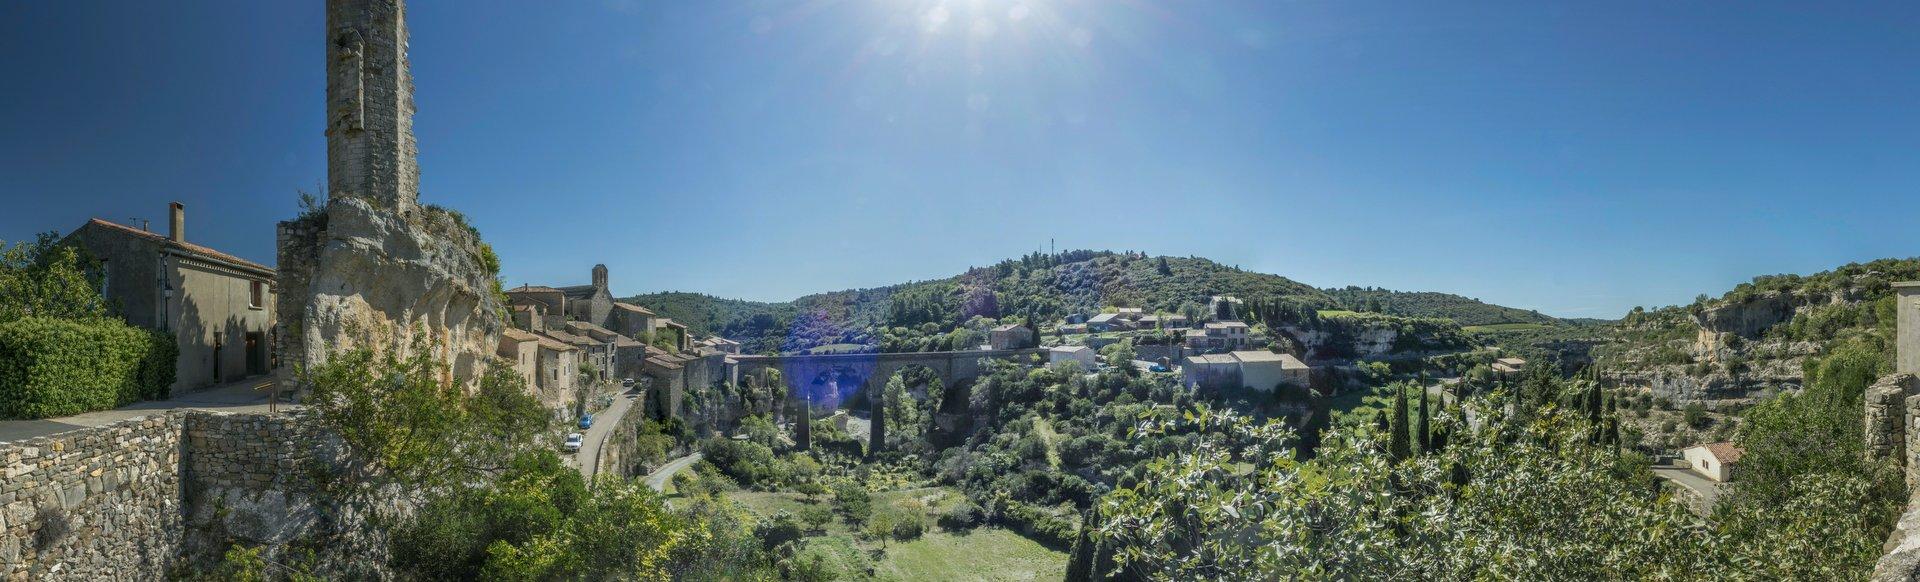 Panorama von der Rue des Remparts in Minerve